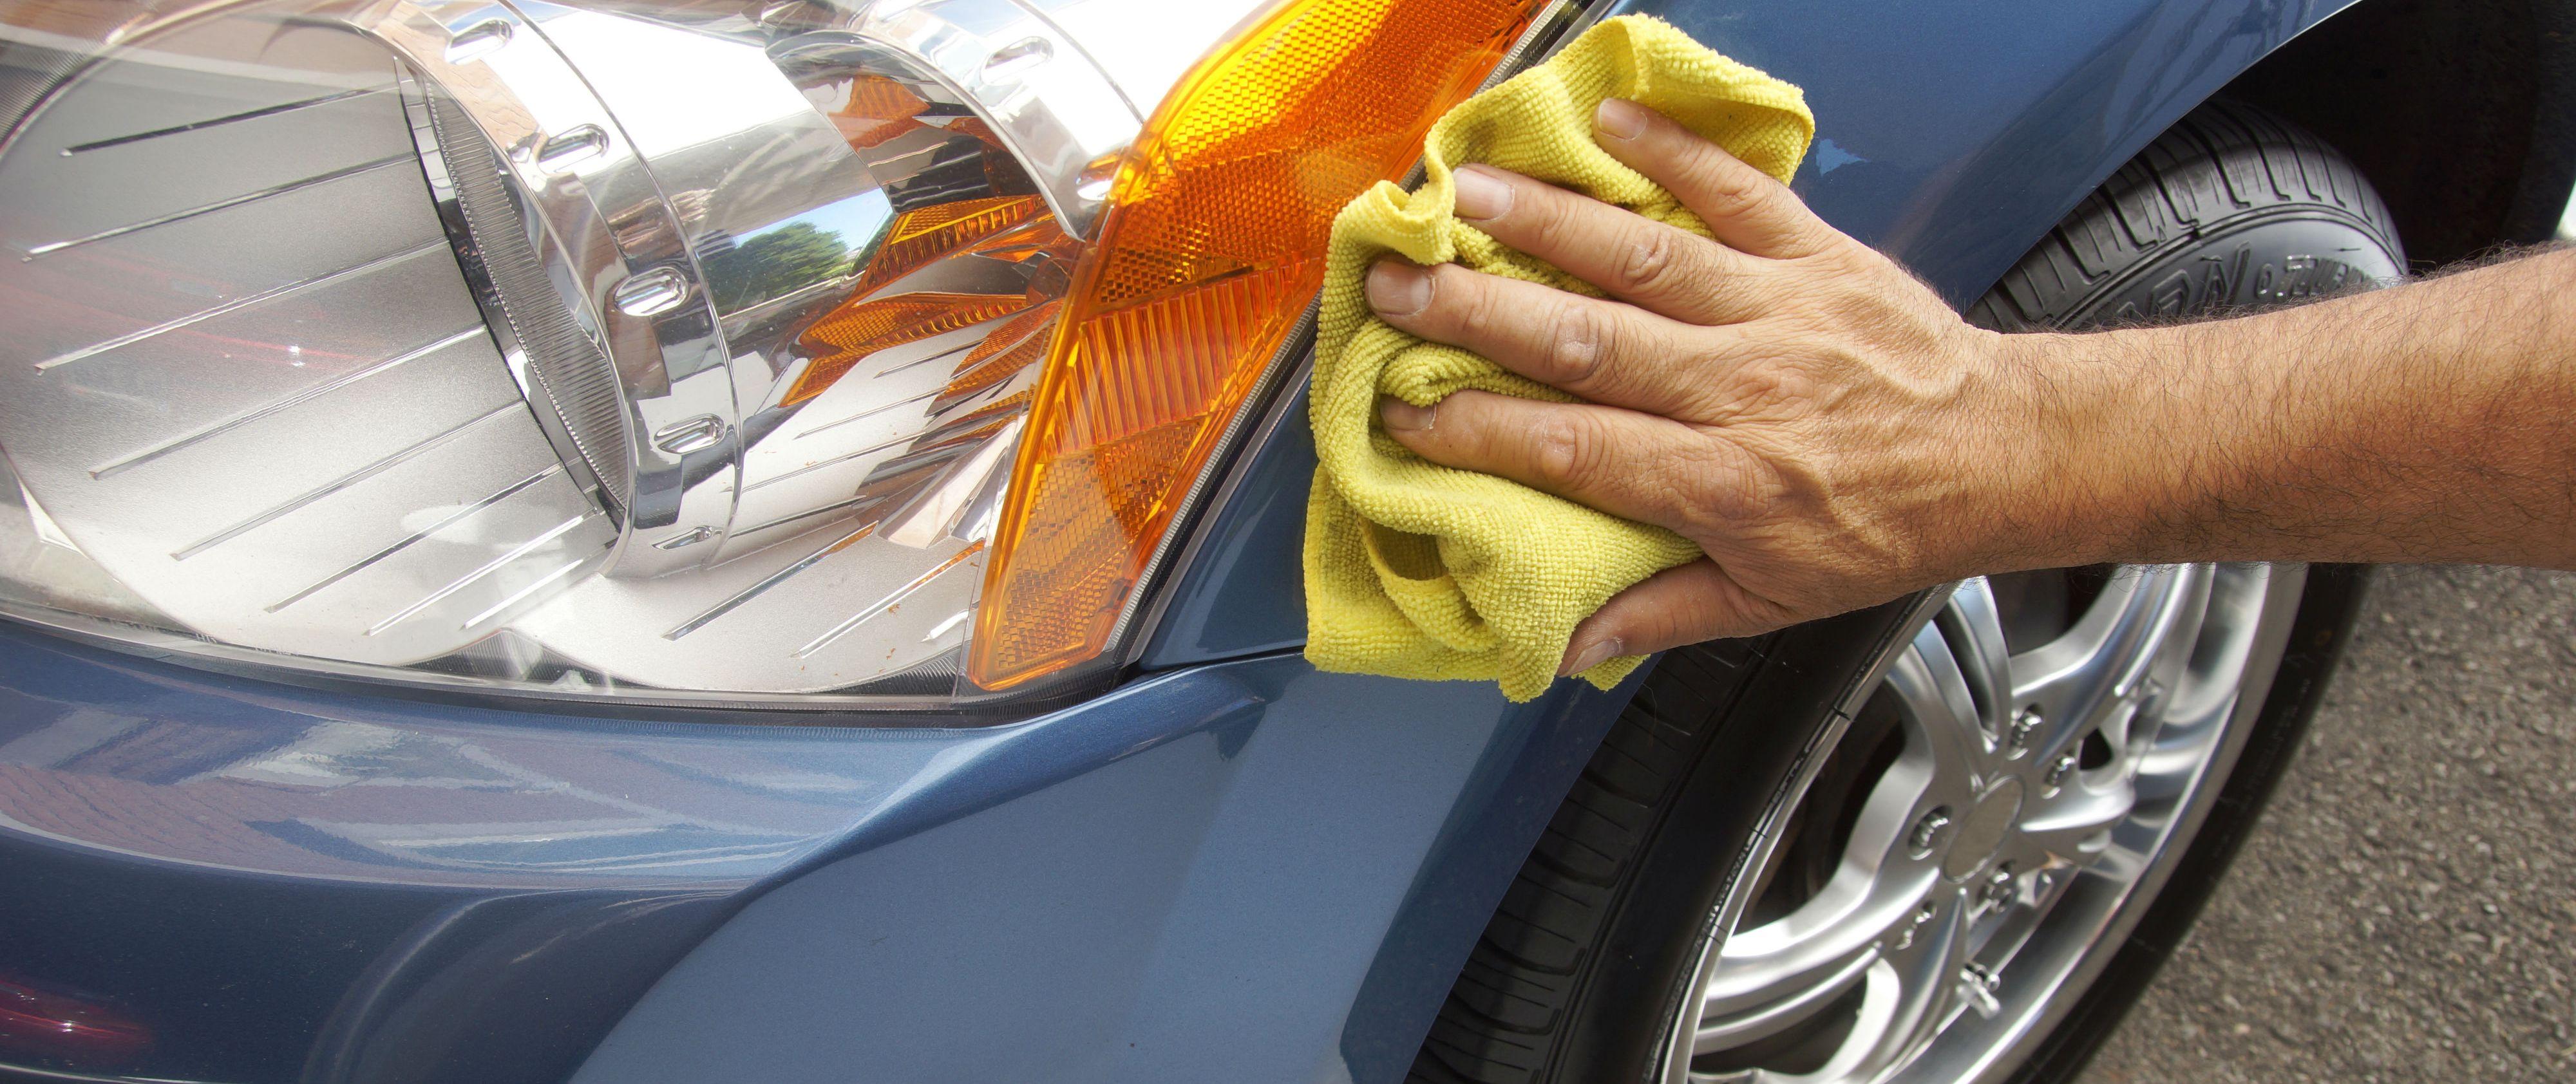 Очистка автомобиля от тополиных почек